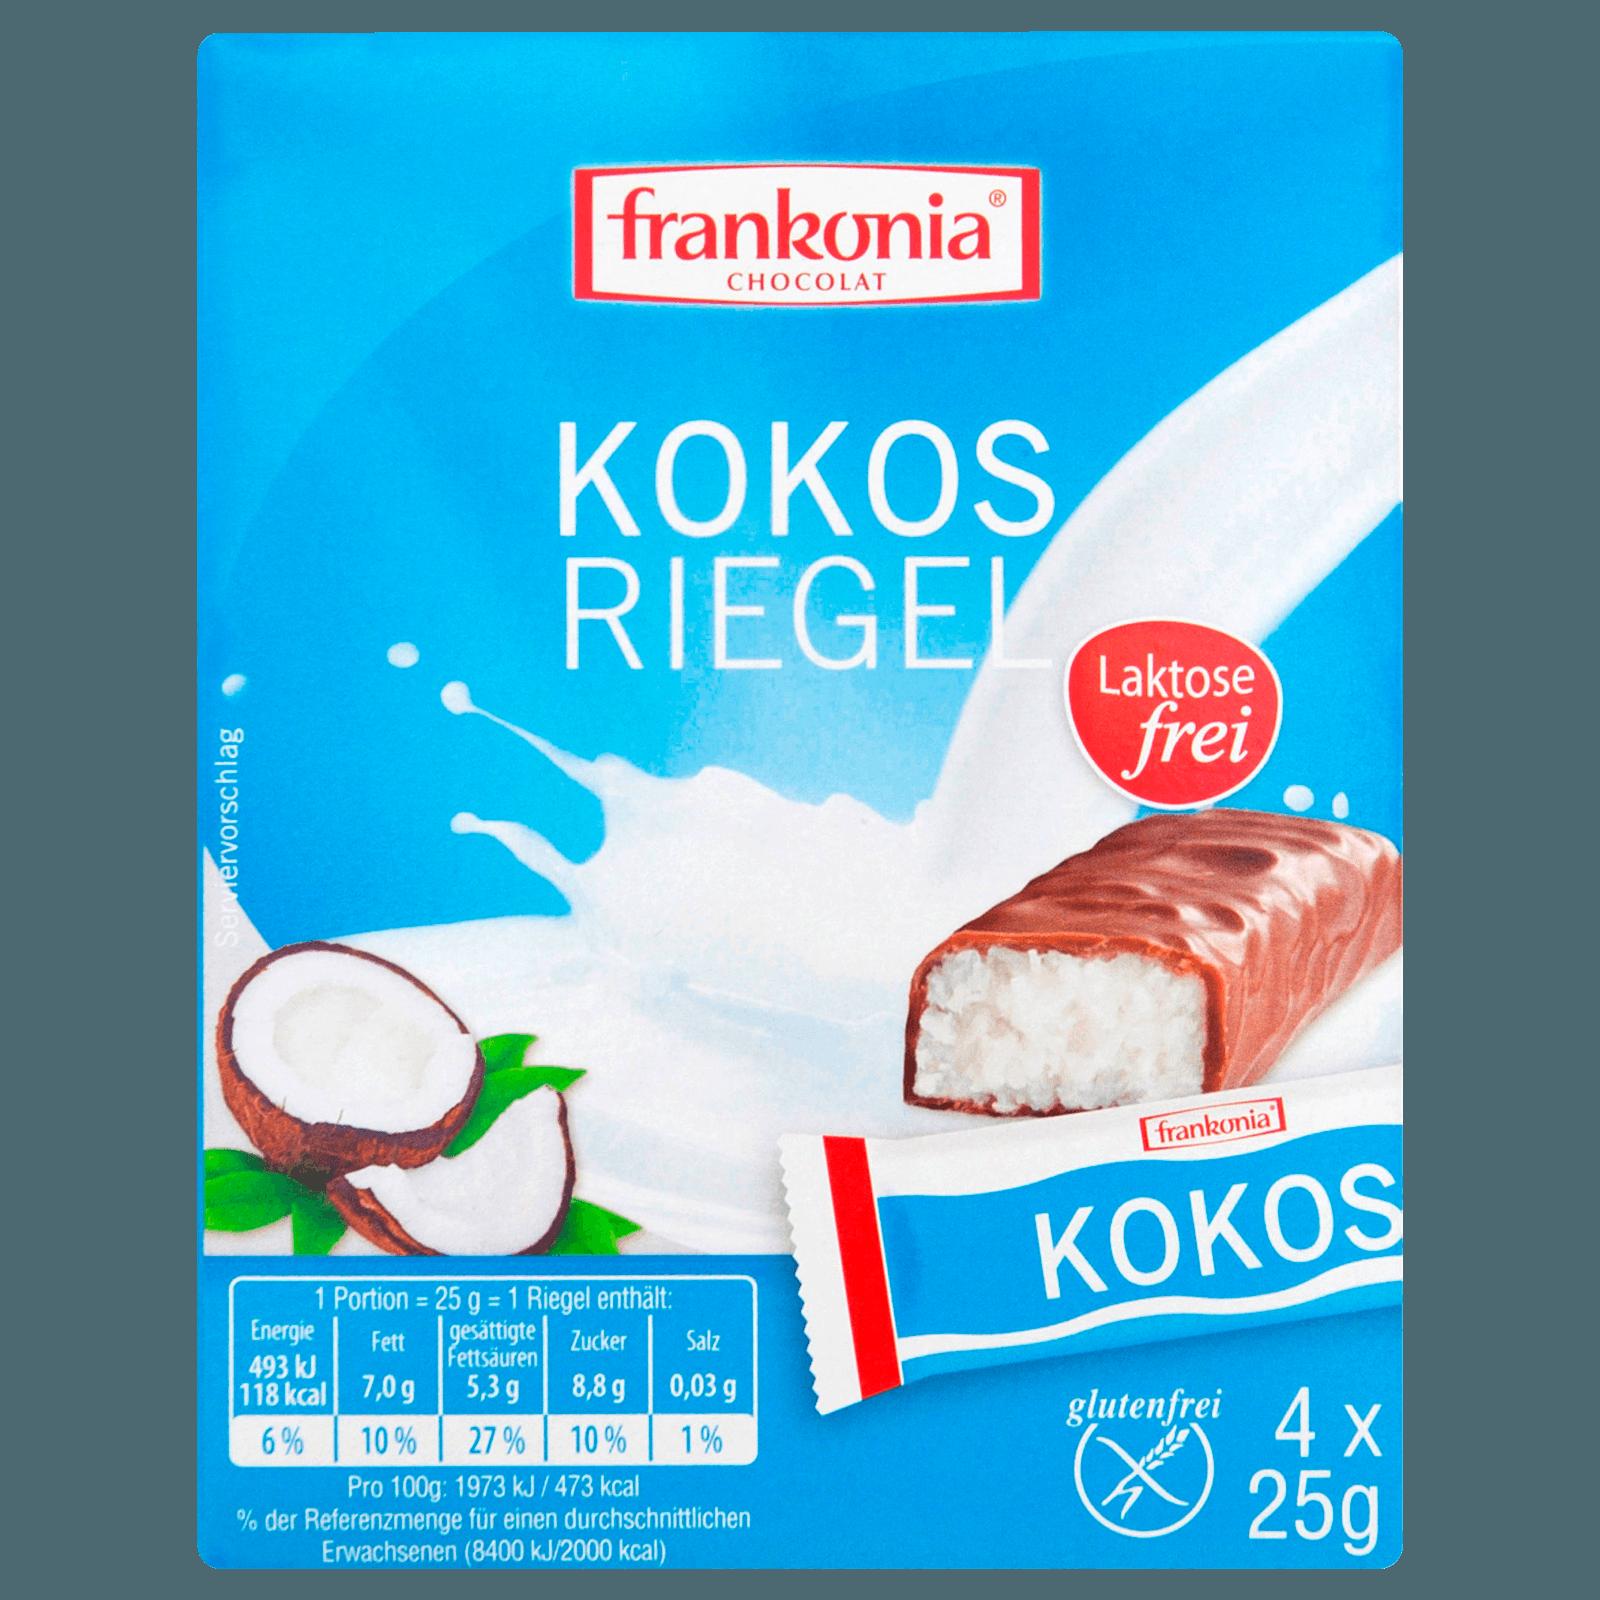 Frankonia Kokos Riegel glutenfrei 4x25g